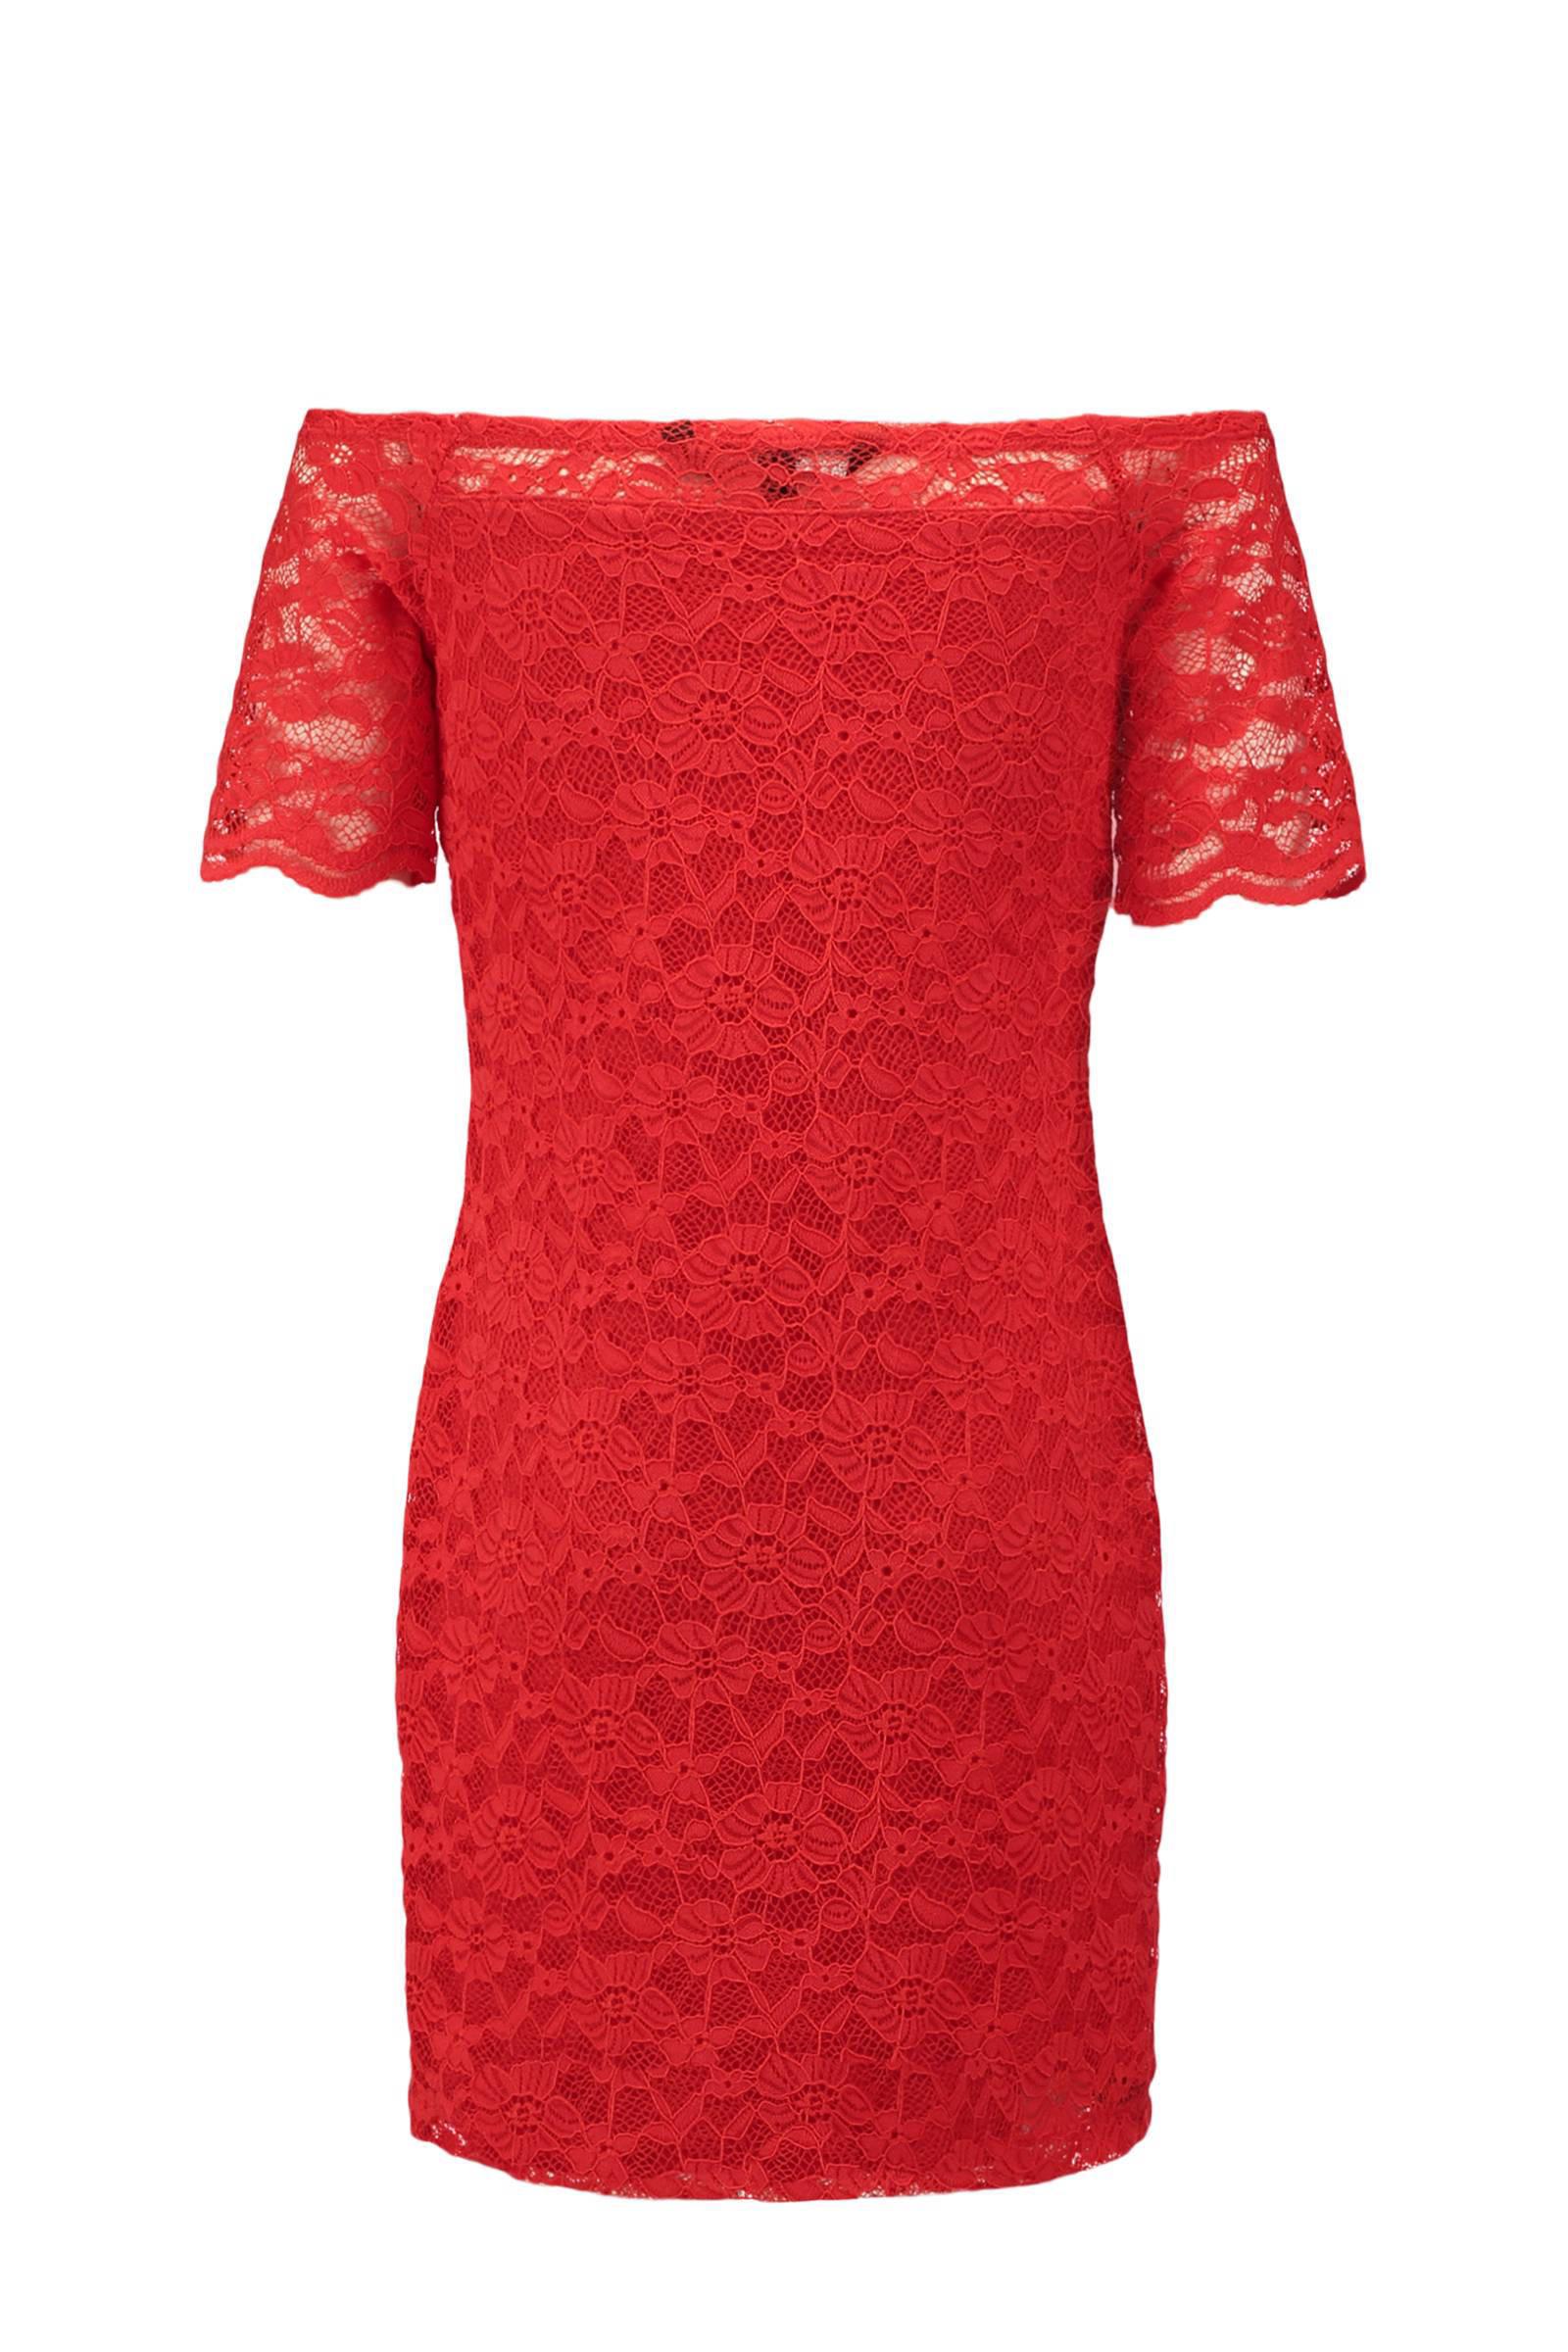 jurk rood kant